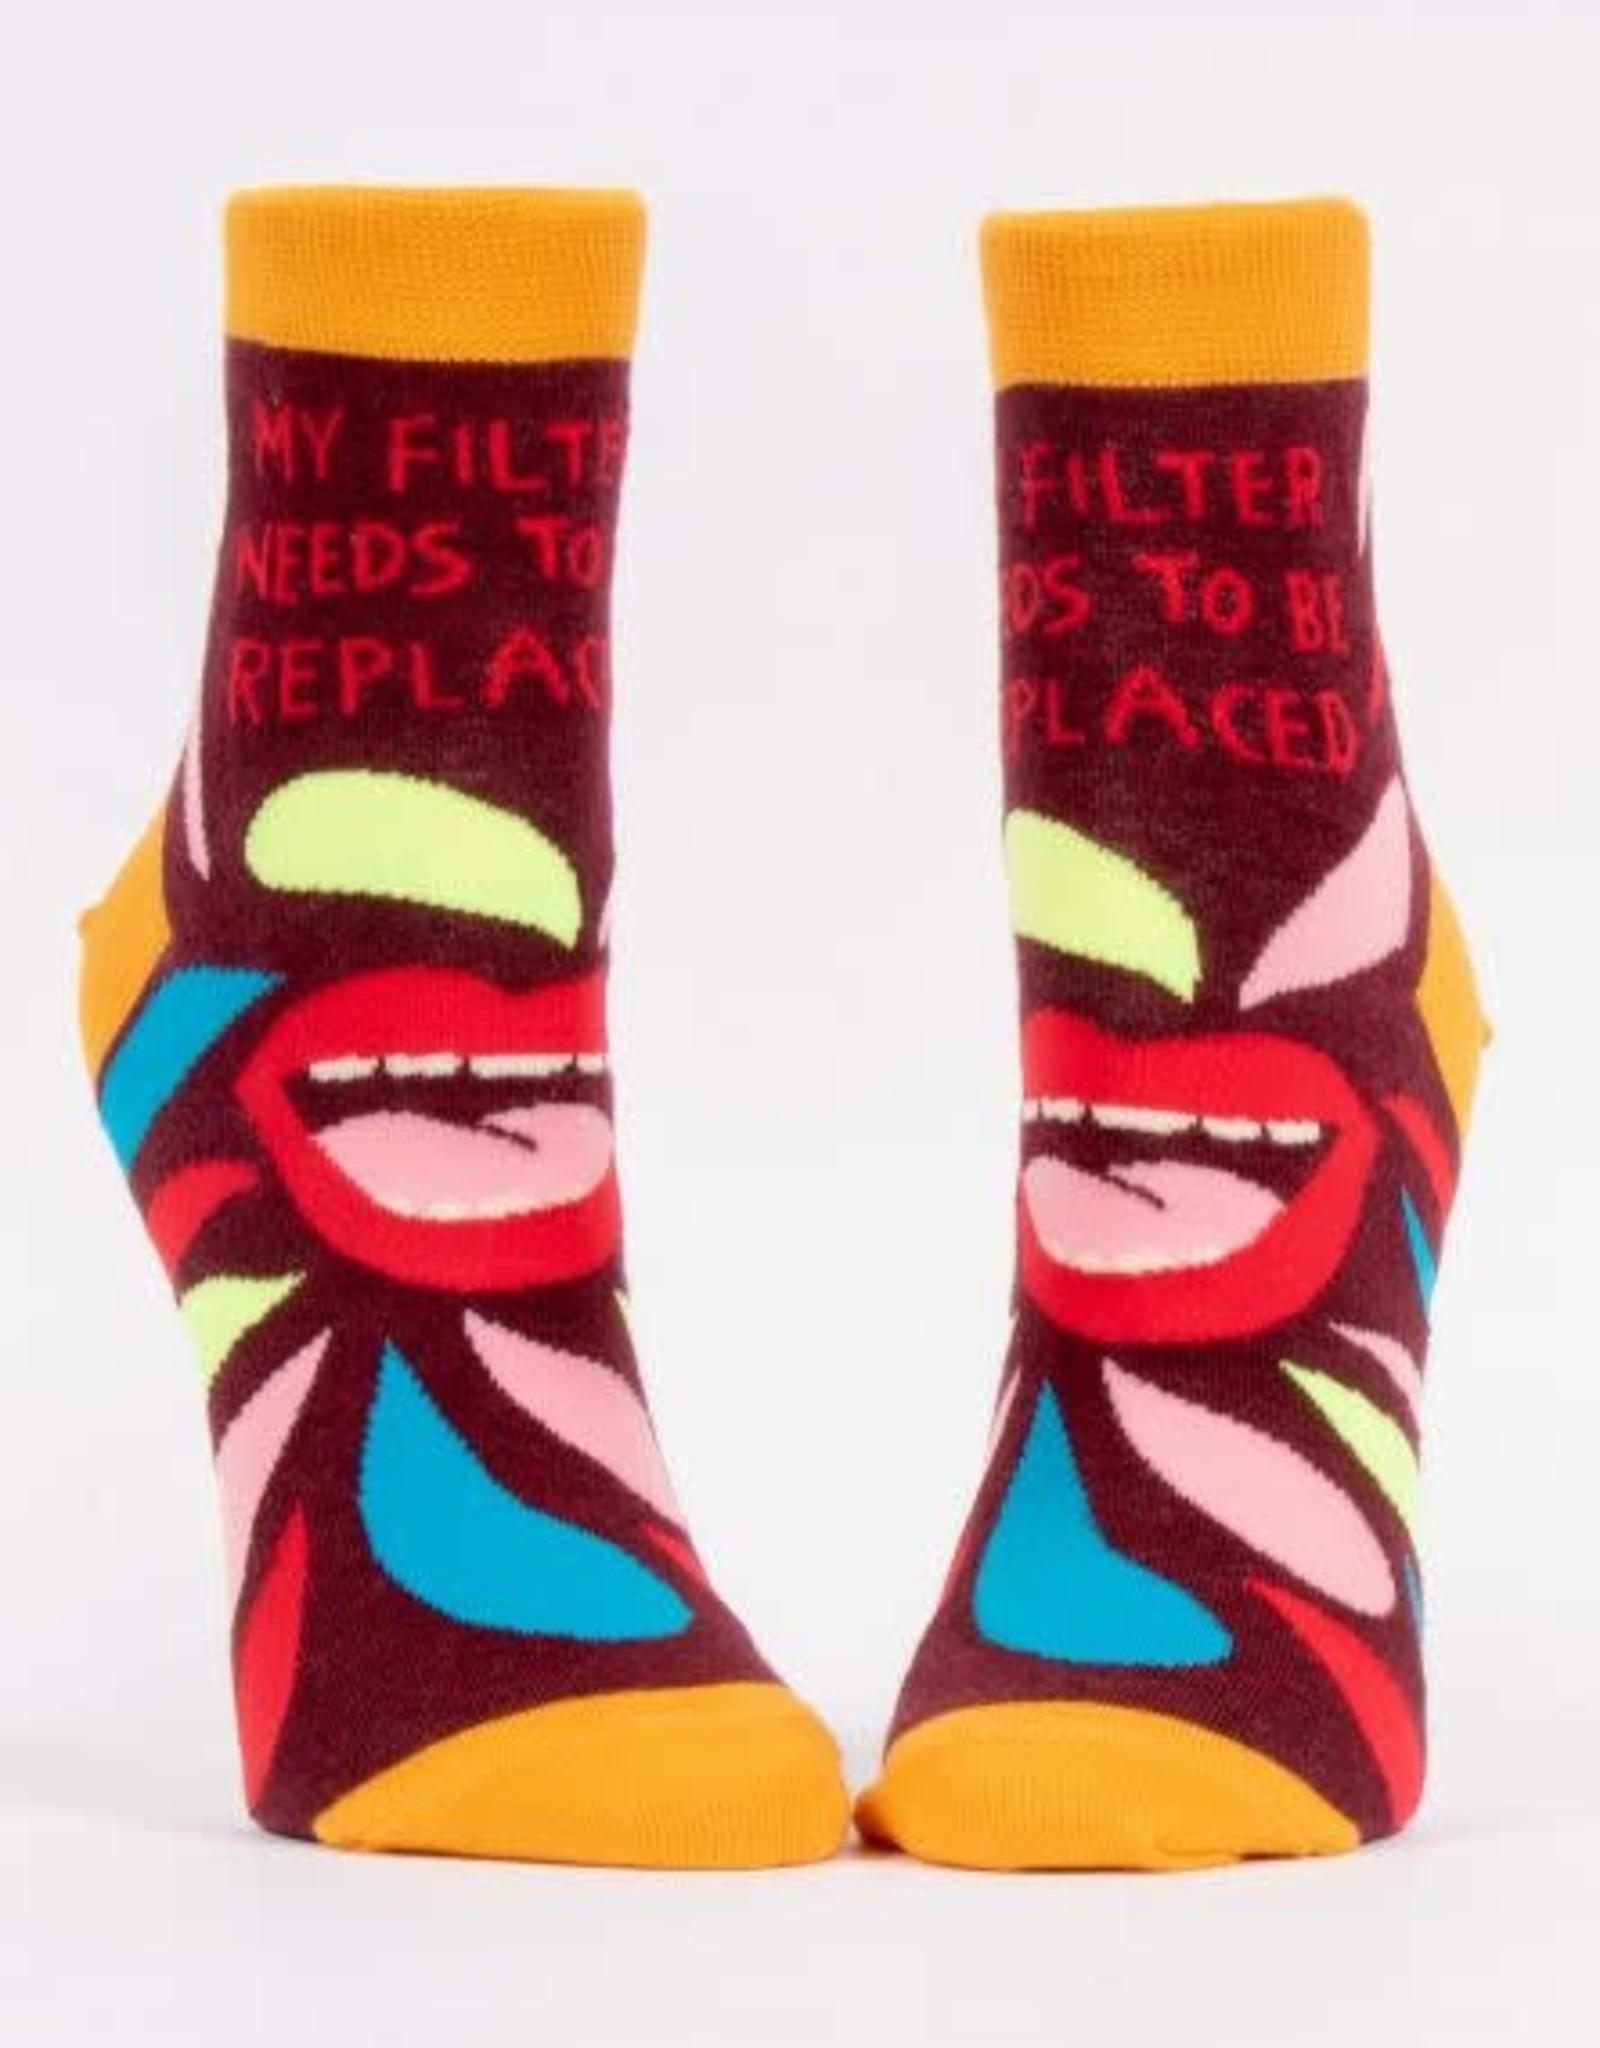 My Filter Socks